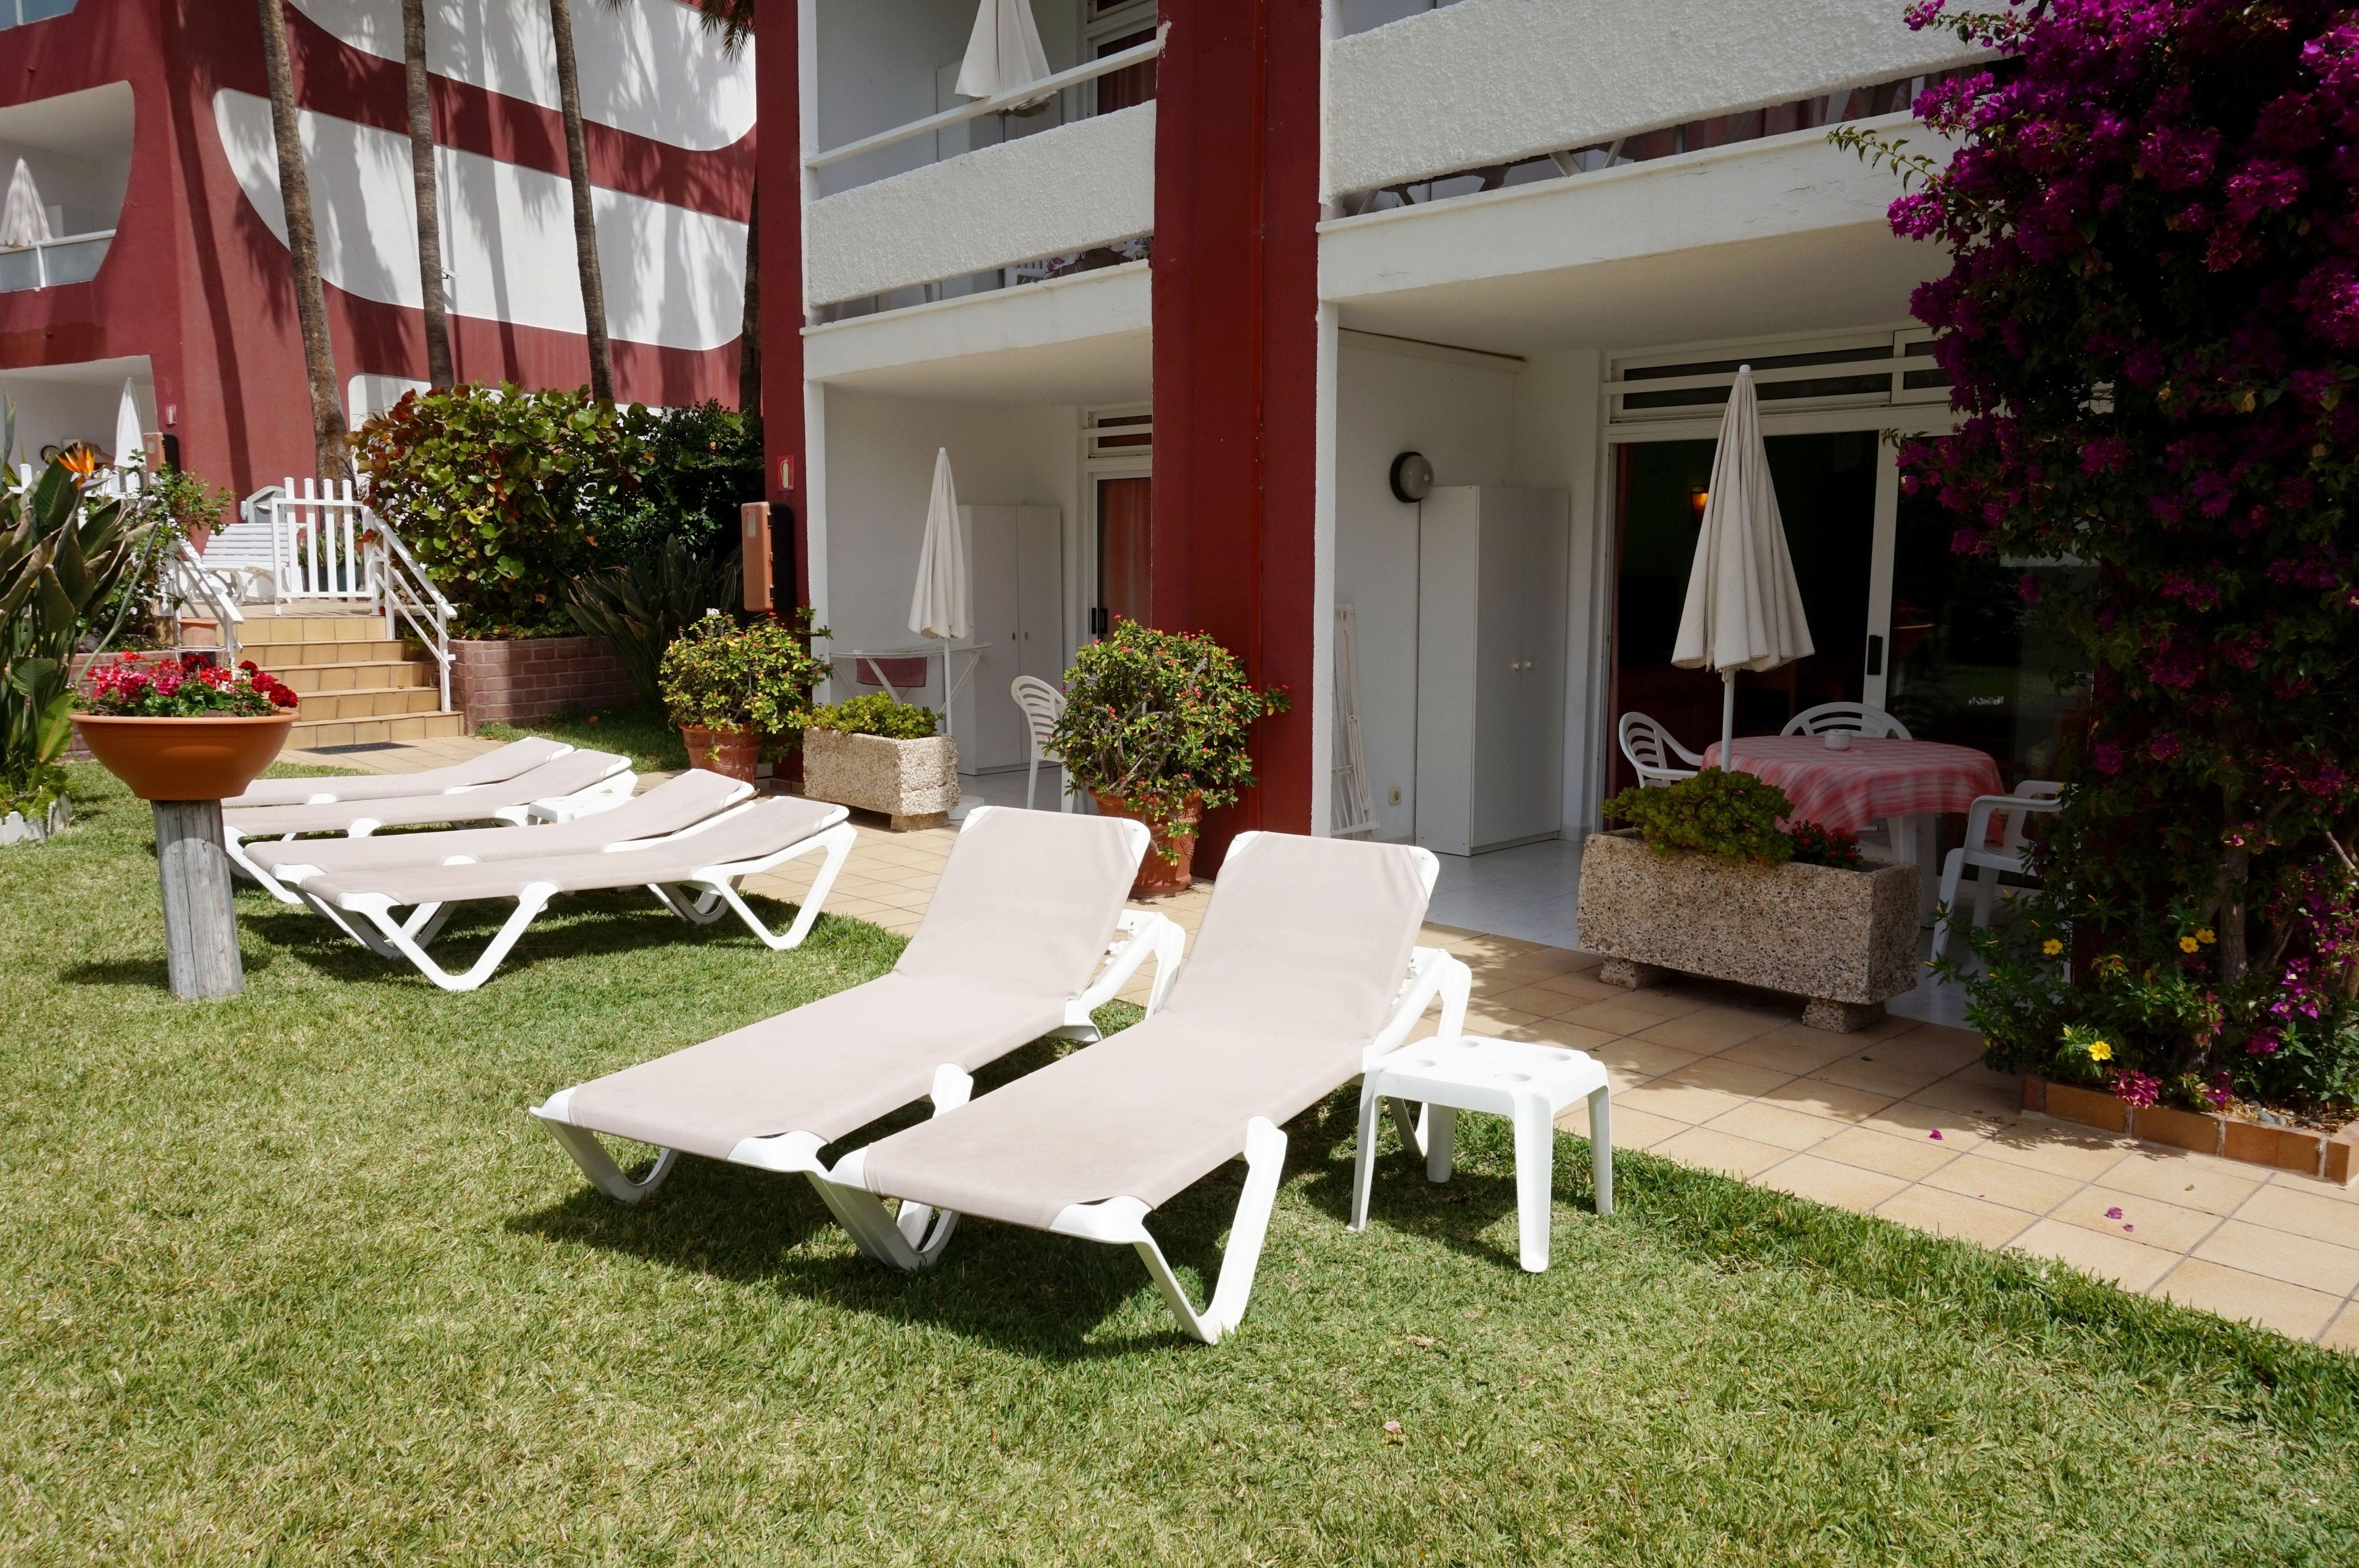 Nuestras dos piscinas y los amplios jardines son el marco ideal para que disfrute de una agradable estancia,